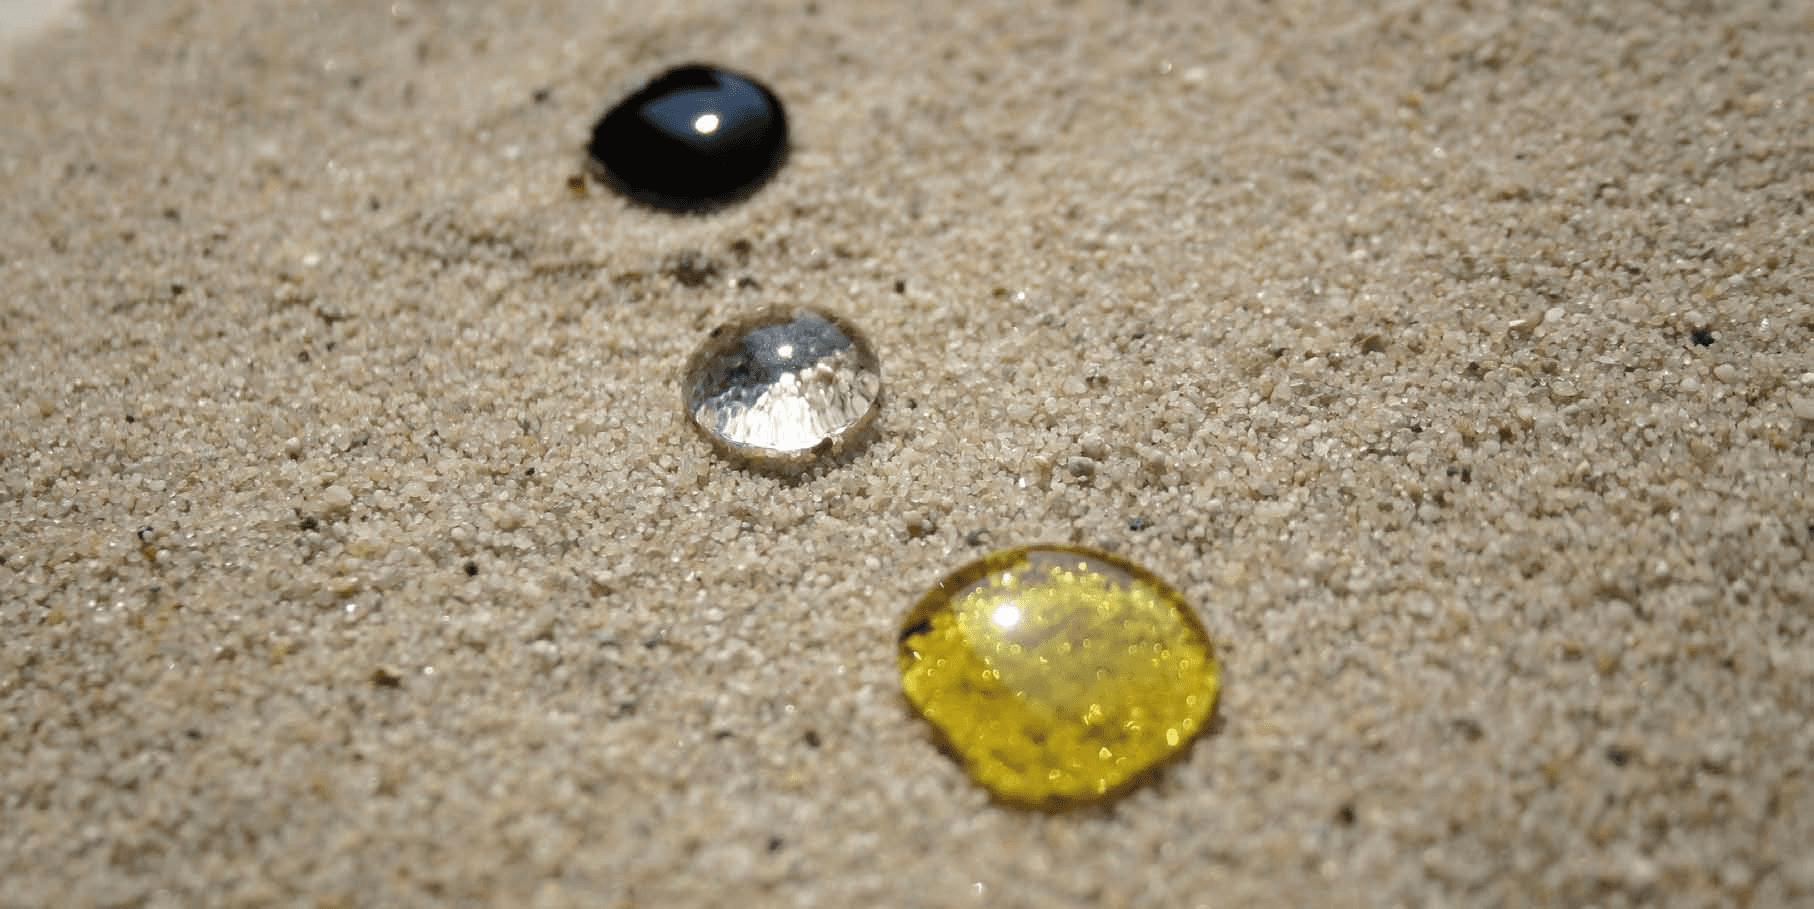 Tre gocce di liquido su una moquette